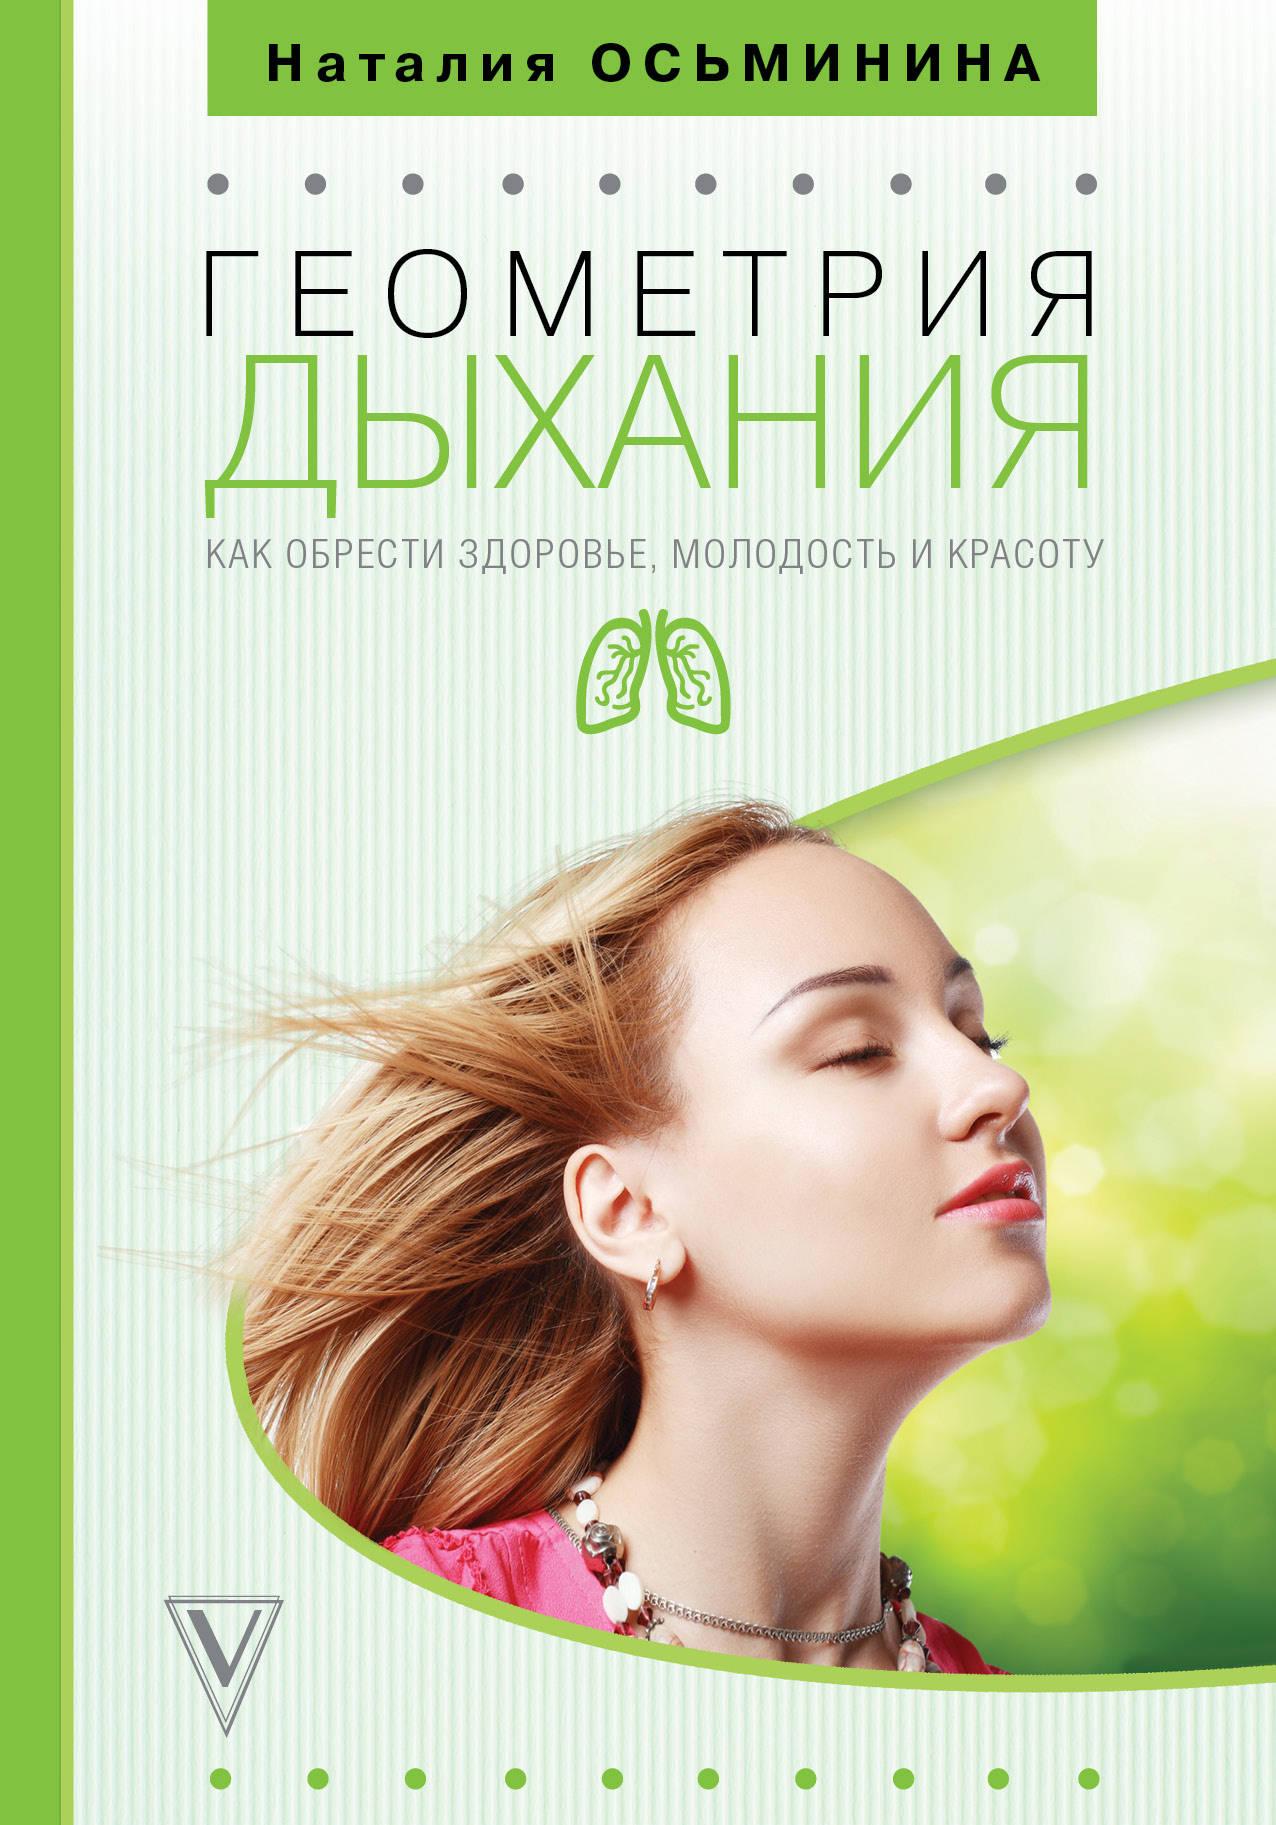 Осьминина Наталия Борисовна Геометрия дыхания. Как обрести здоровье, молодость и красоту